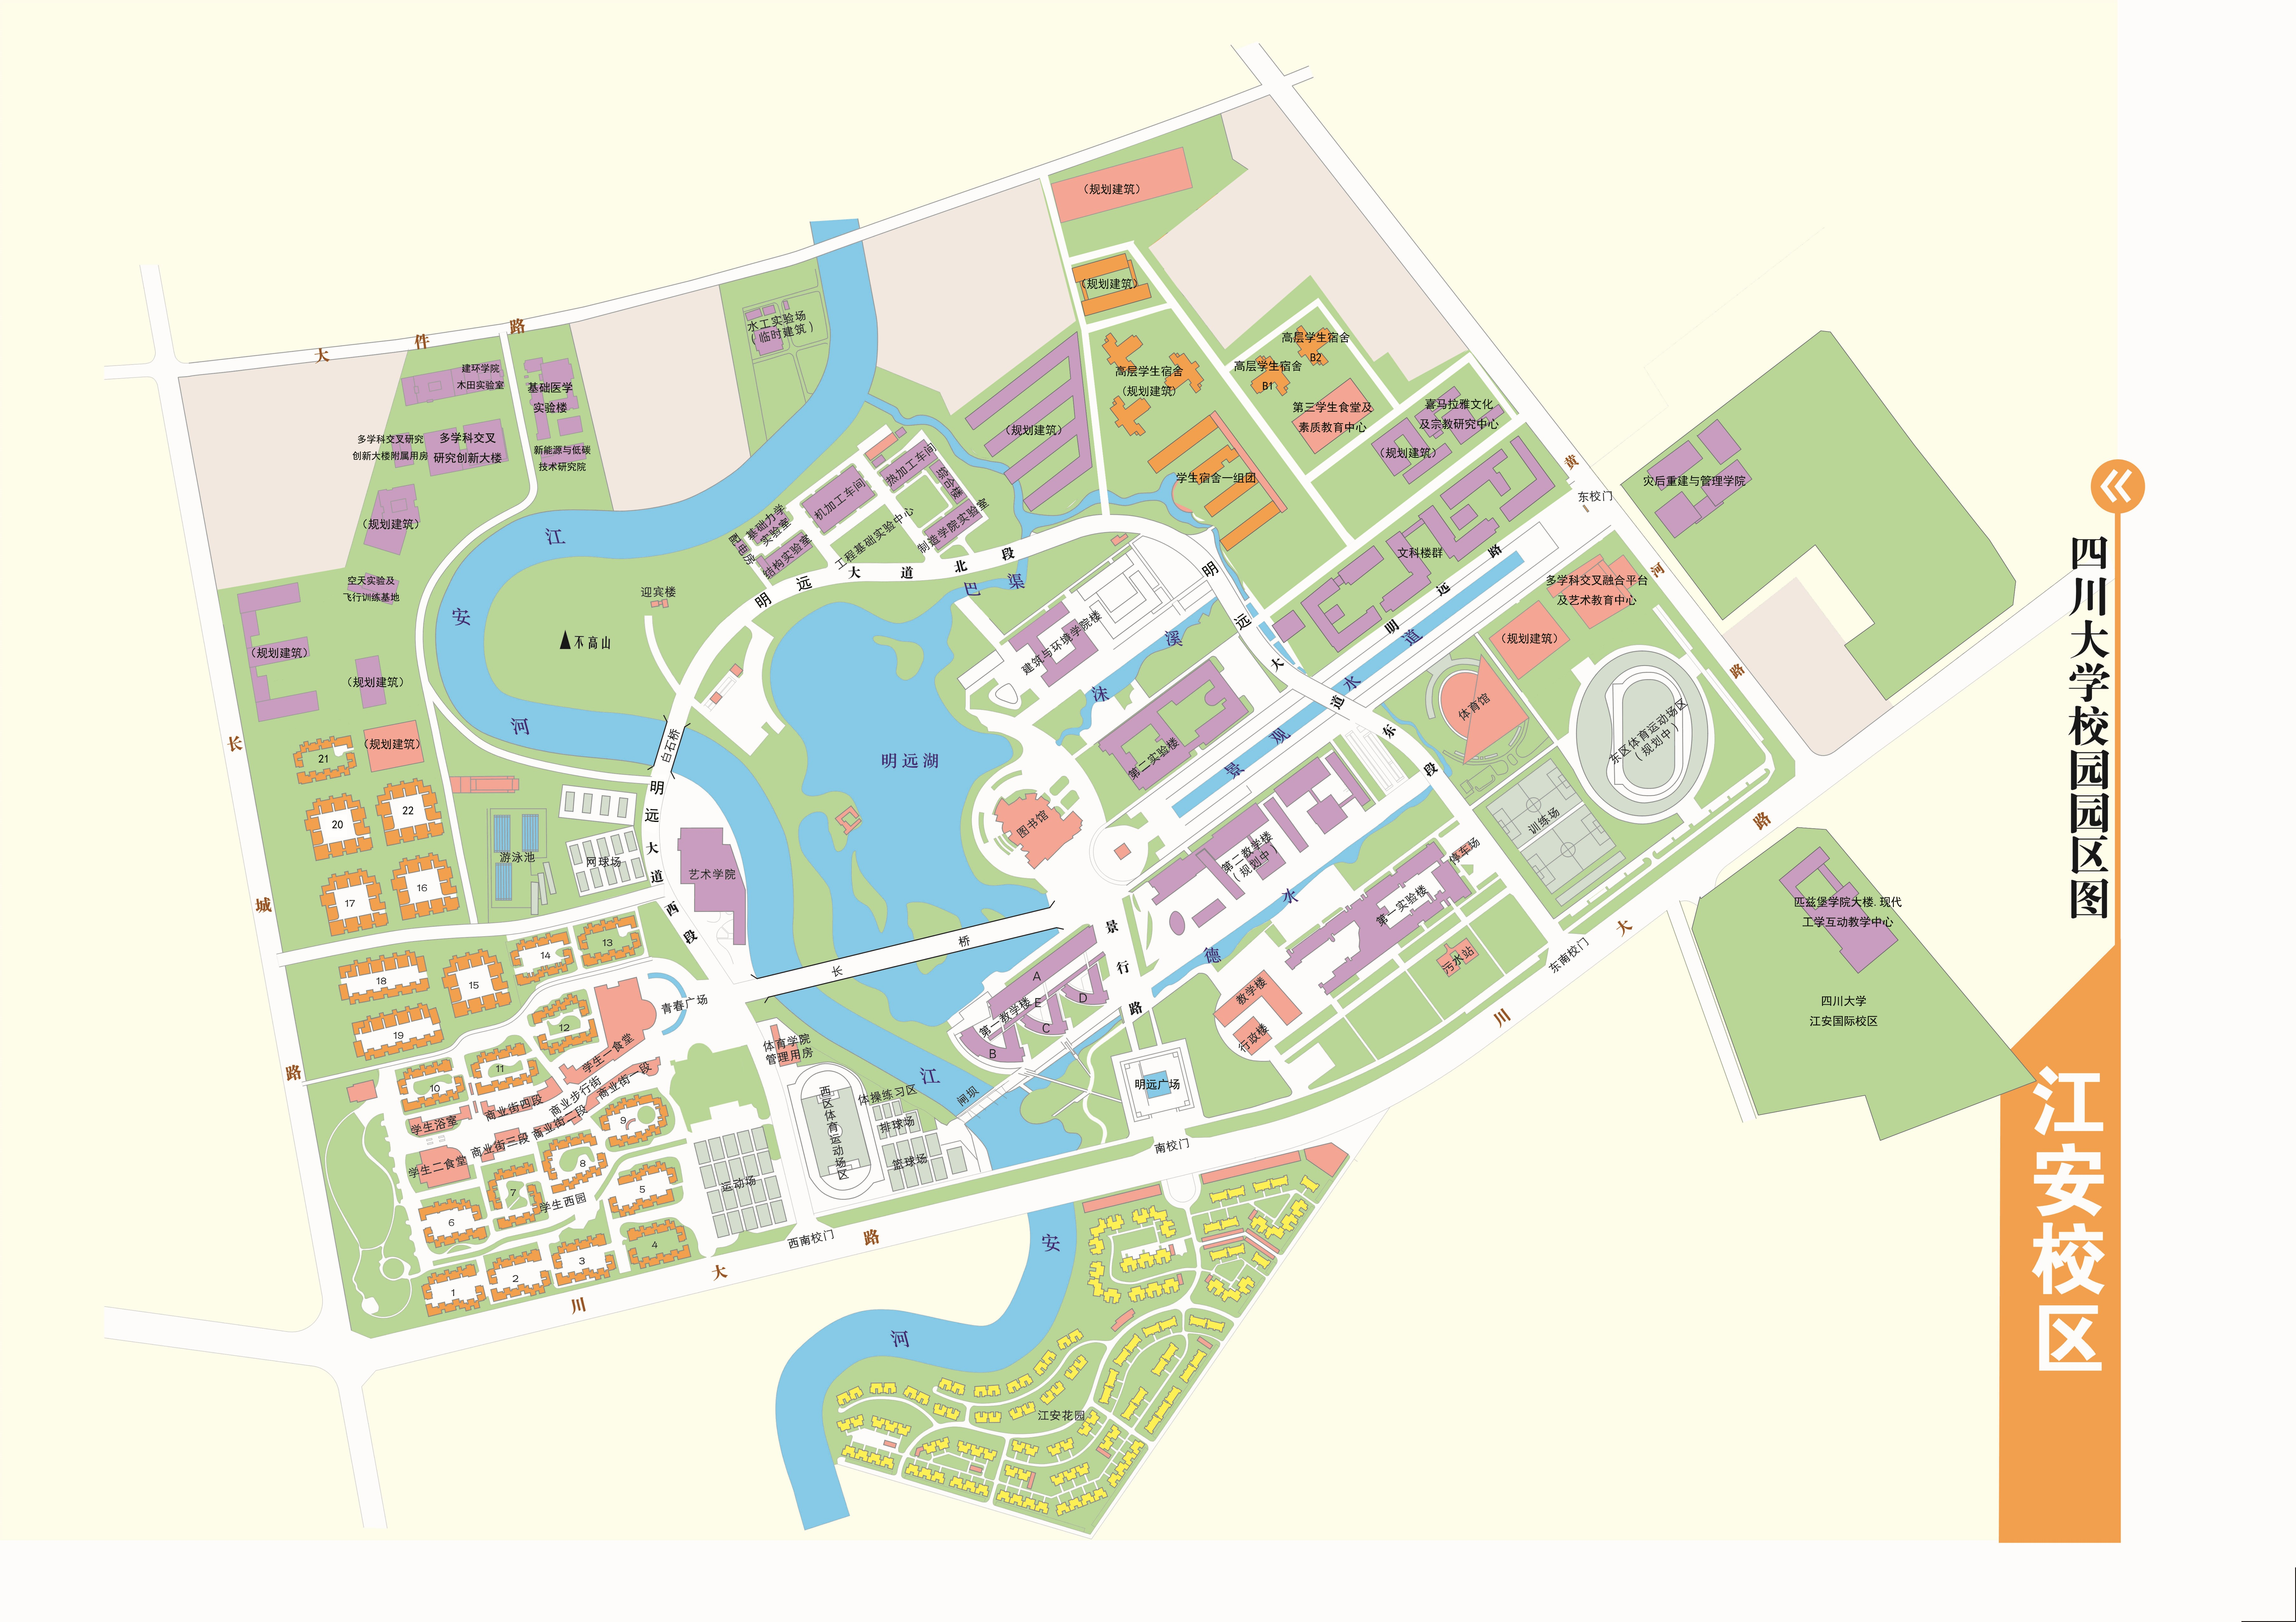 江安校区-四川大学规划建设处